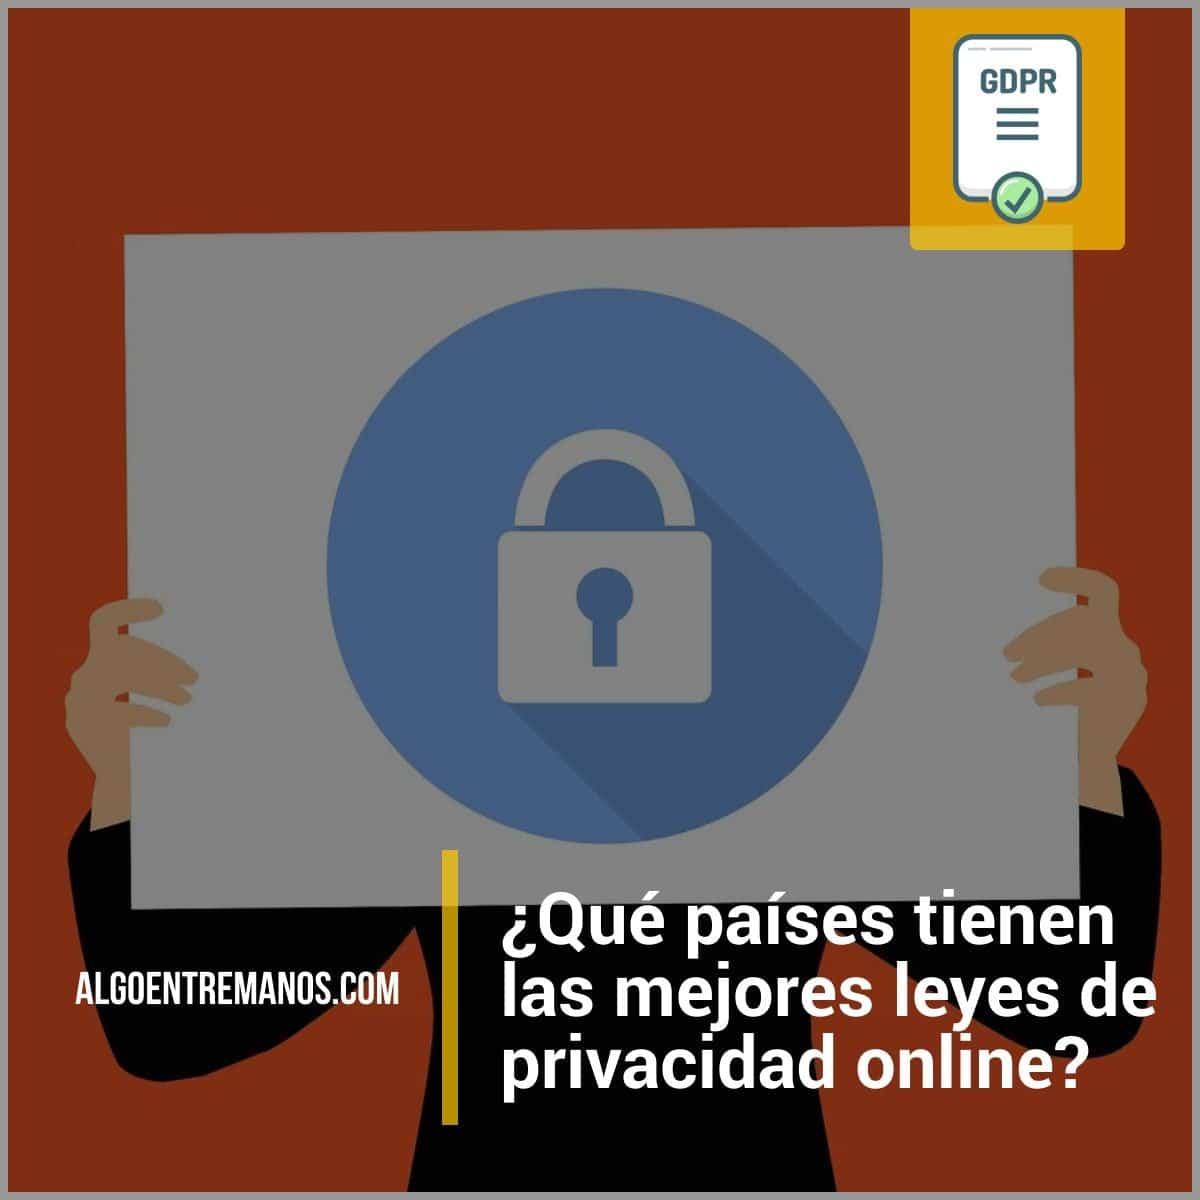 ¿Qué países tienen las mejores leyes de privacidad online?